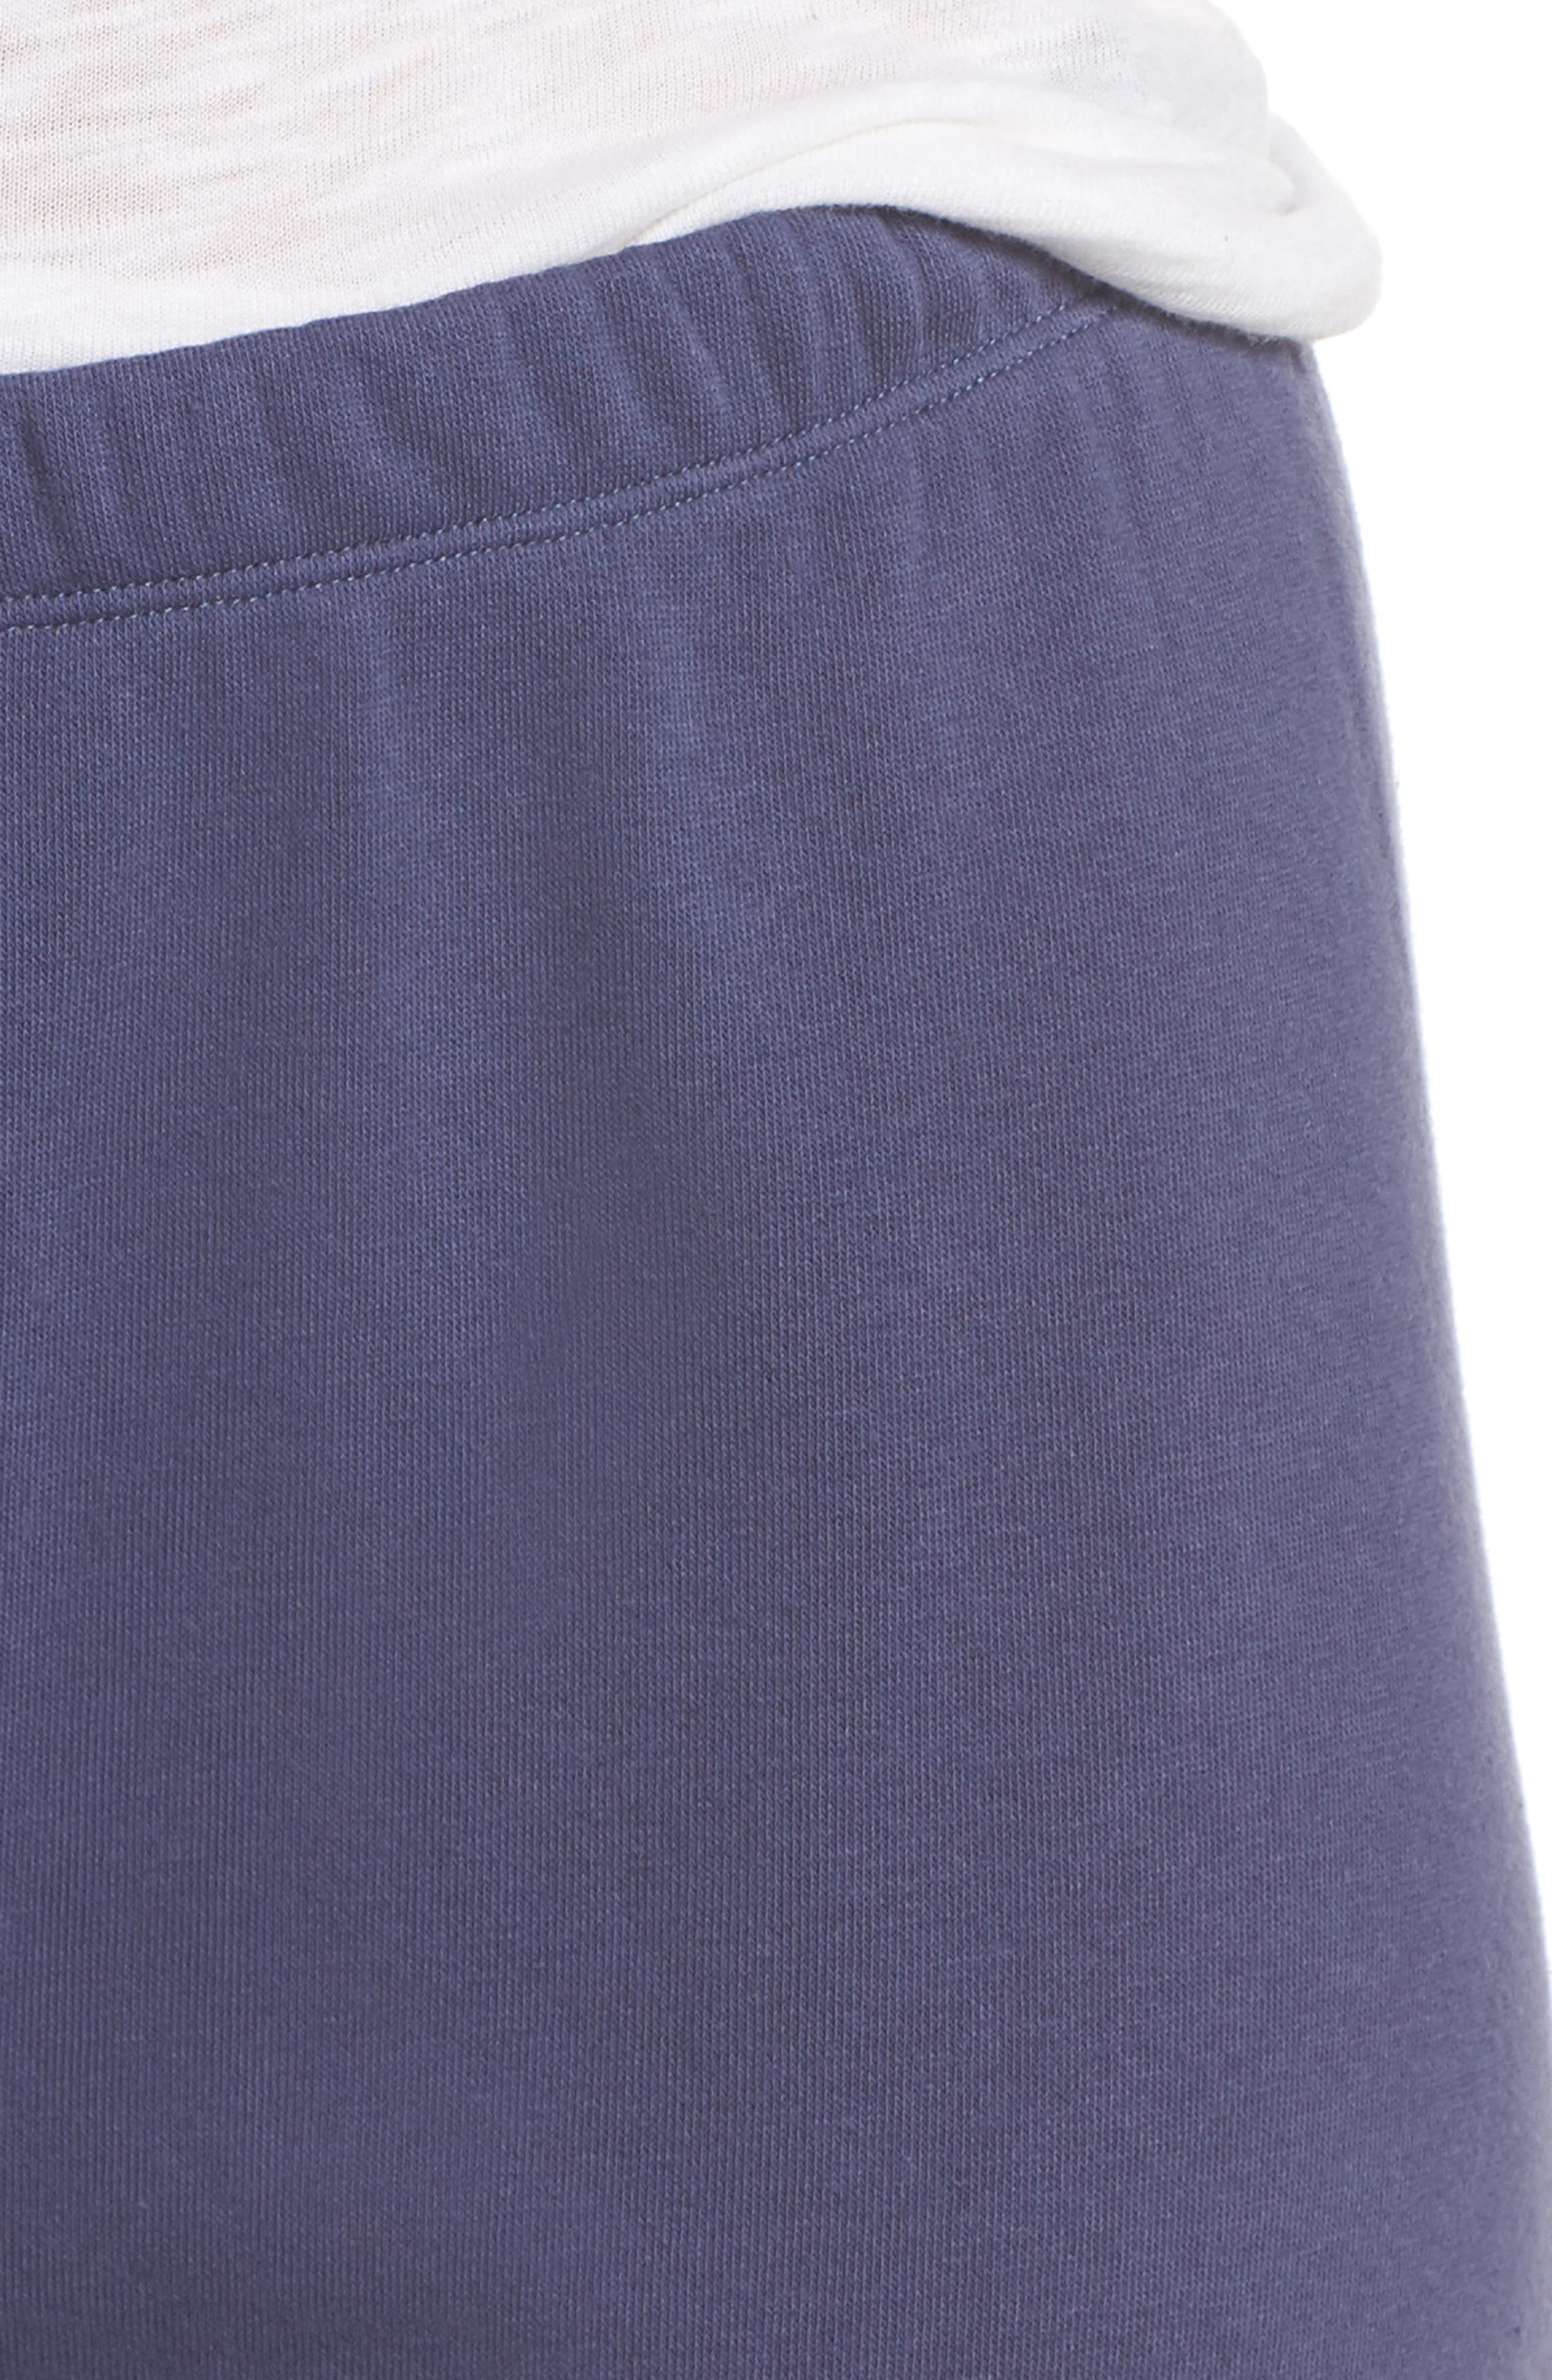 Sleepy High Rise Lounge Jogger Pants,                             Alternate thumbnail 5, color,                             Blue Indigo